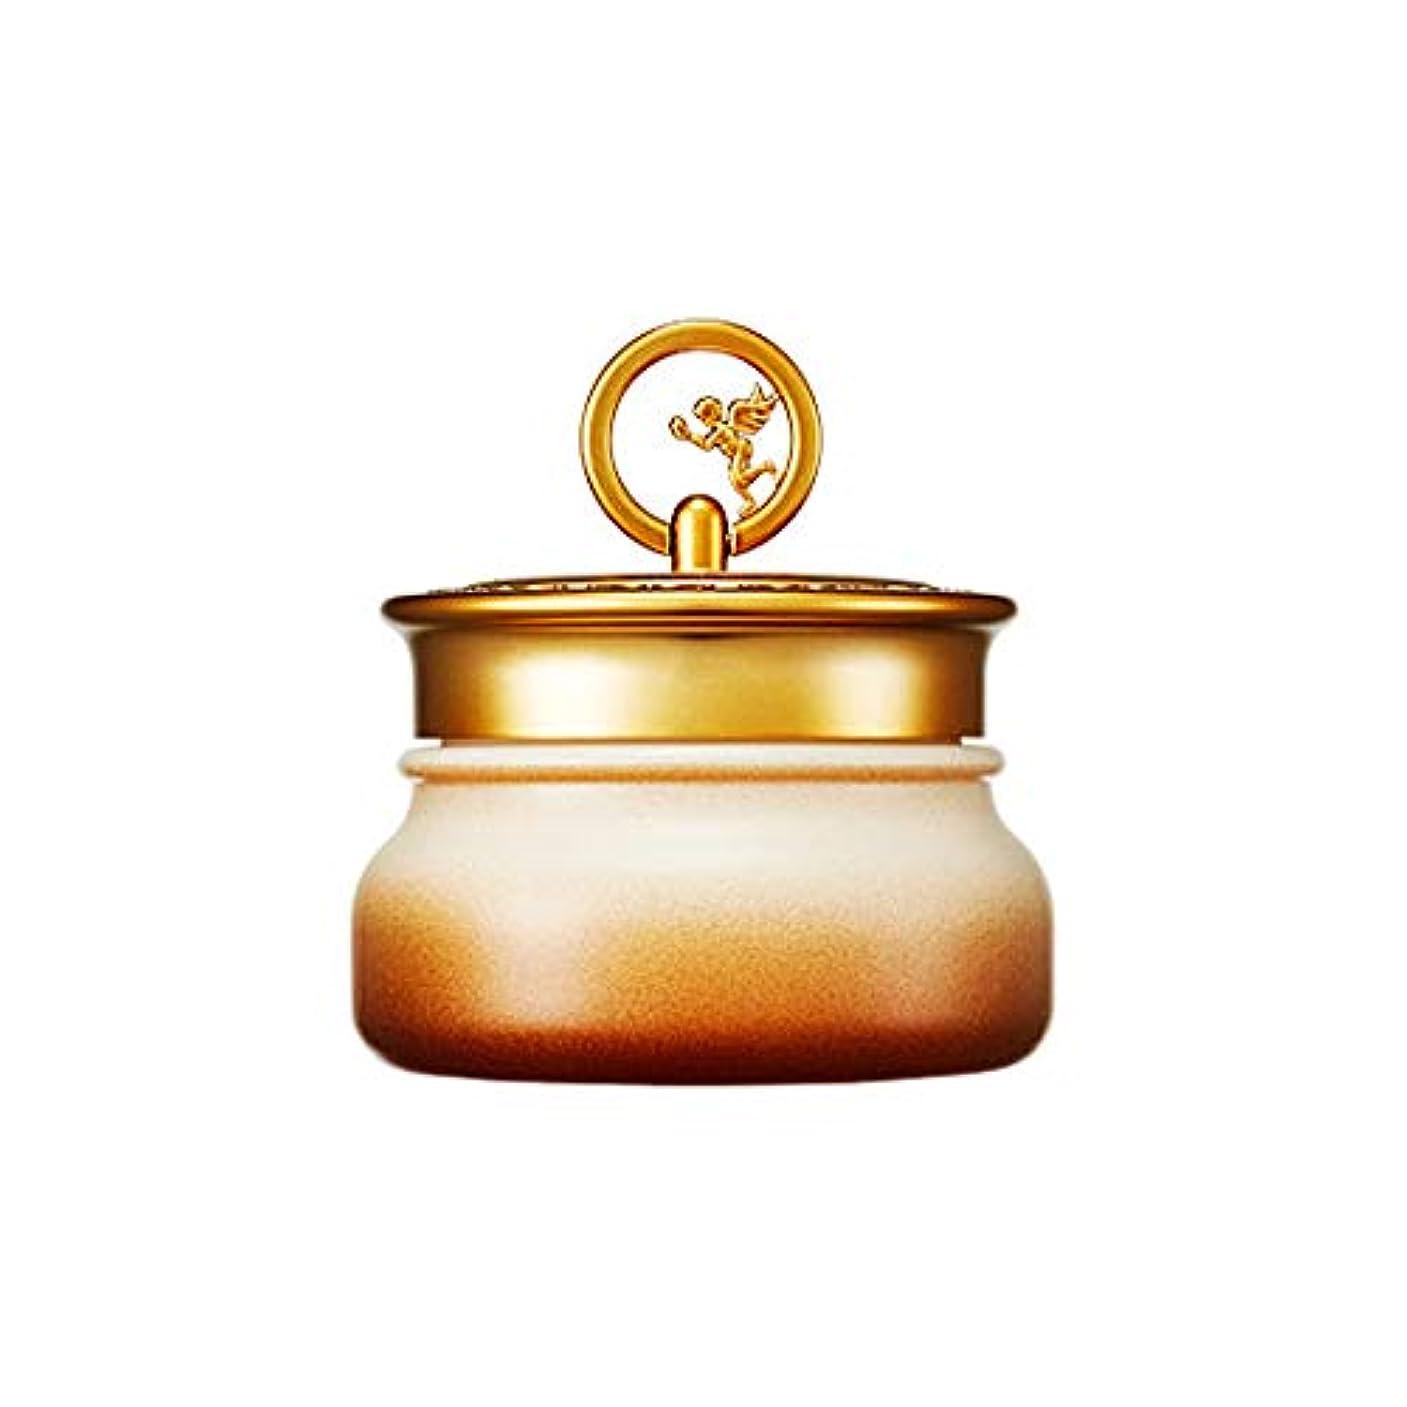 ベーカリー要旨期待するSkinfood ゴールドキャビアクリーム(しわケア) / Gold Caviar Cream (wrinkle care) 45g [並行輸入品]